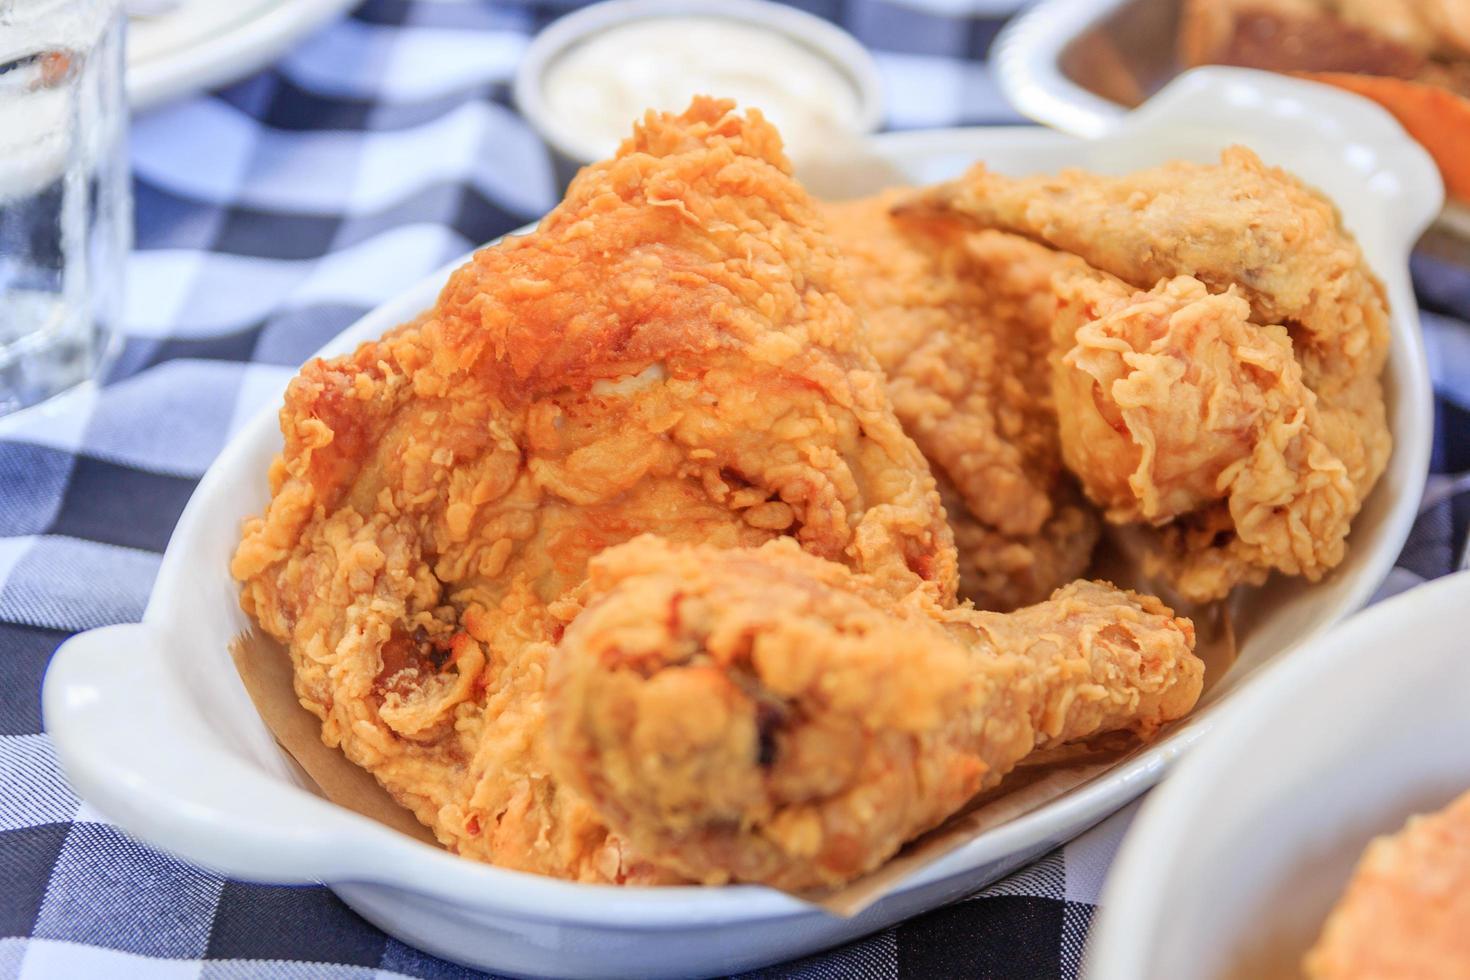 une assiette de poulet frit frais, chaud et croustillant photo